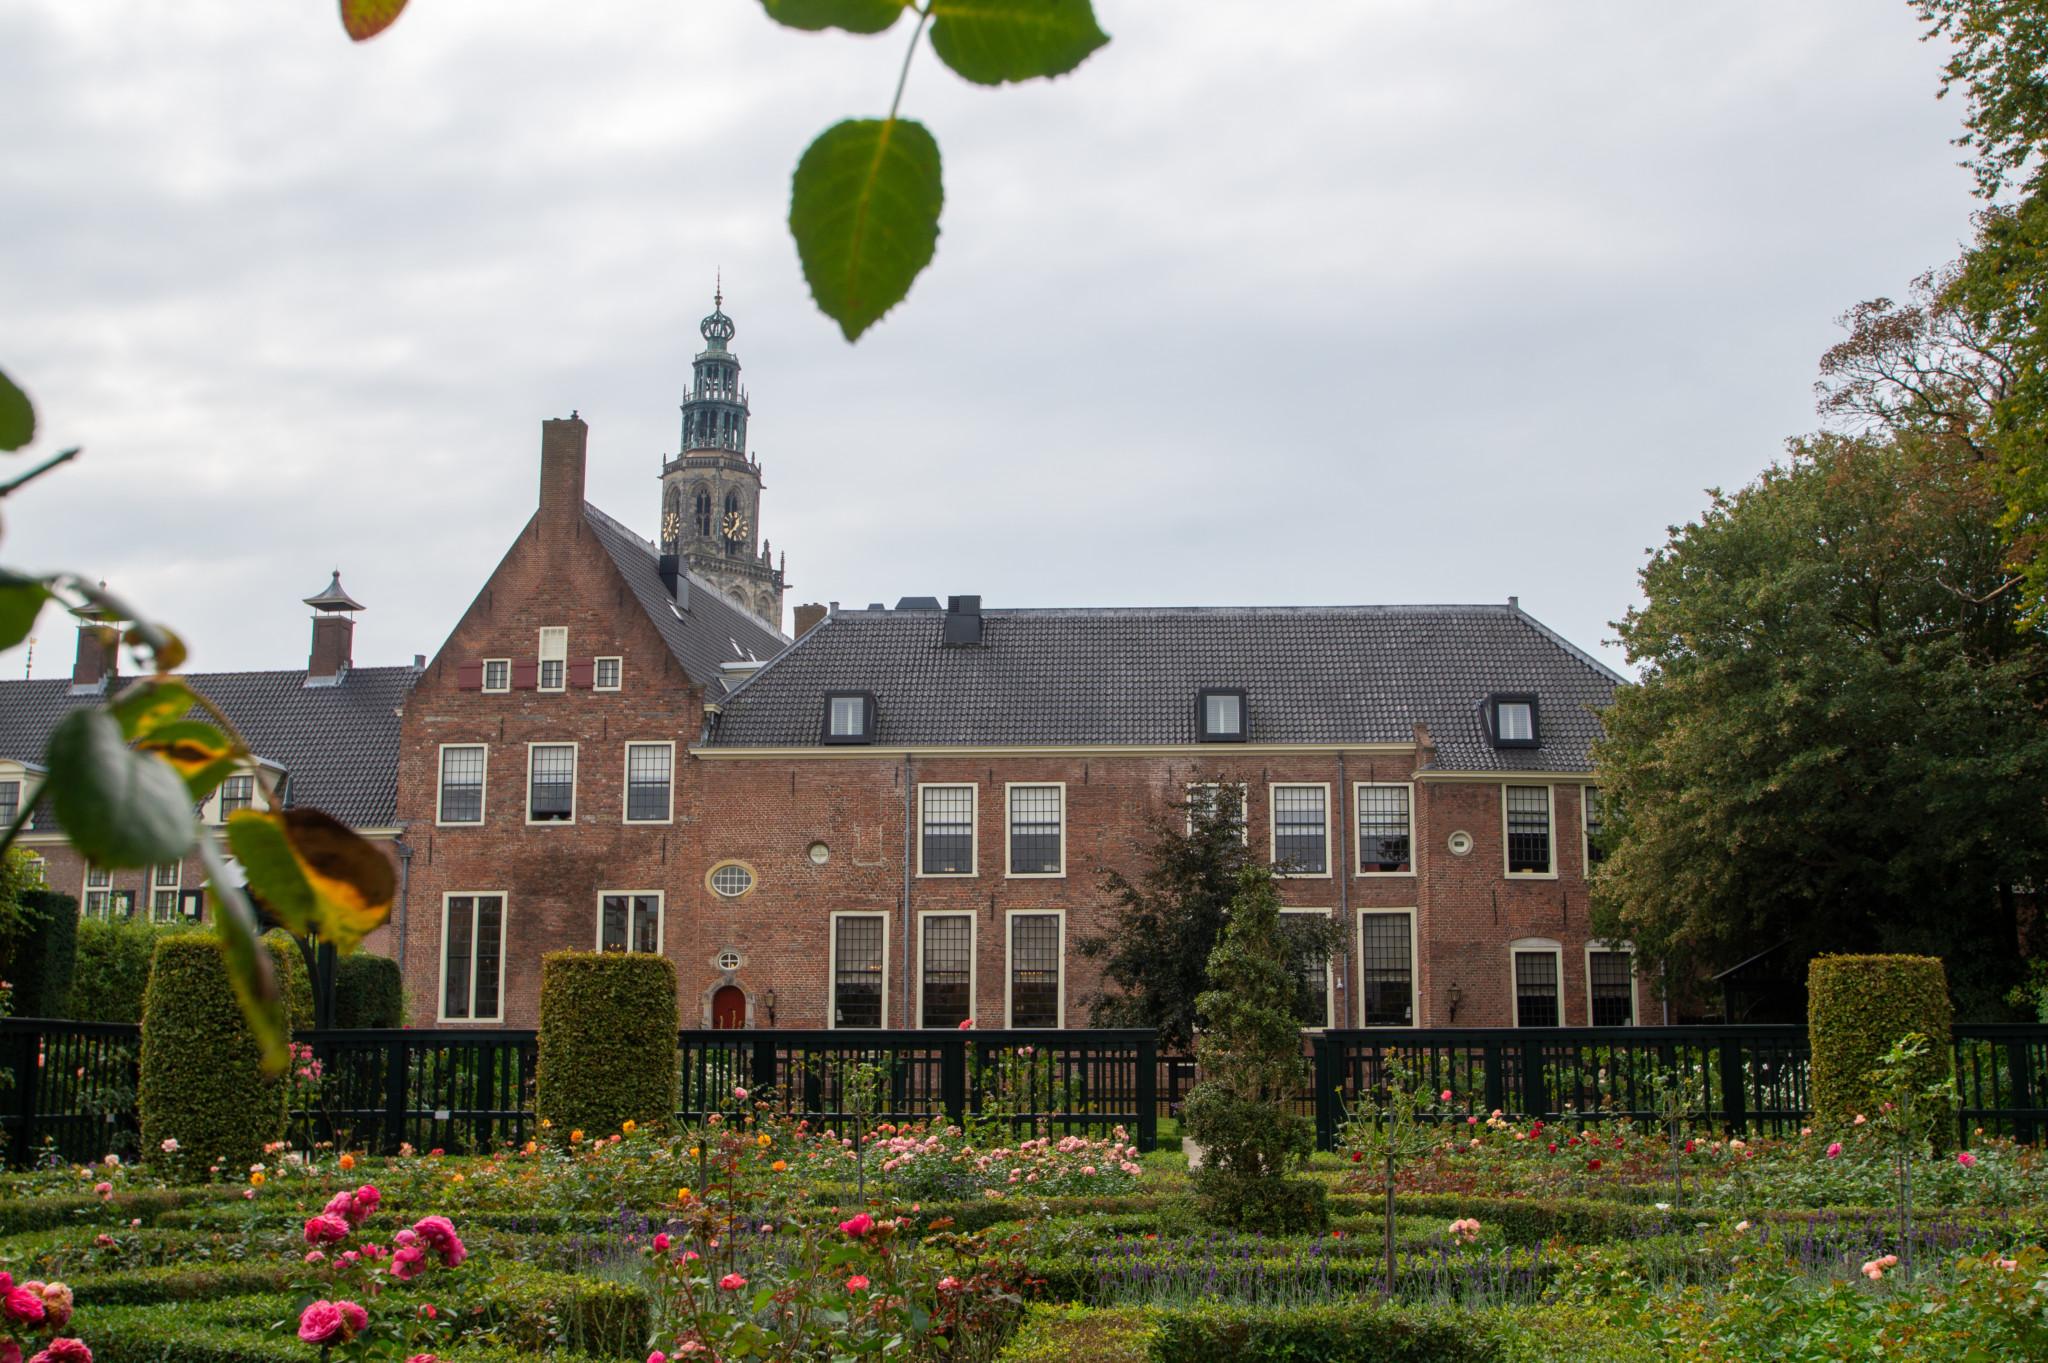 Hotel im Prinsentuin in Groningen